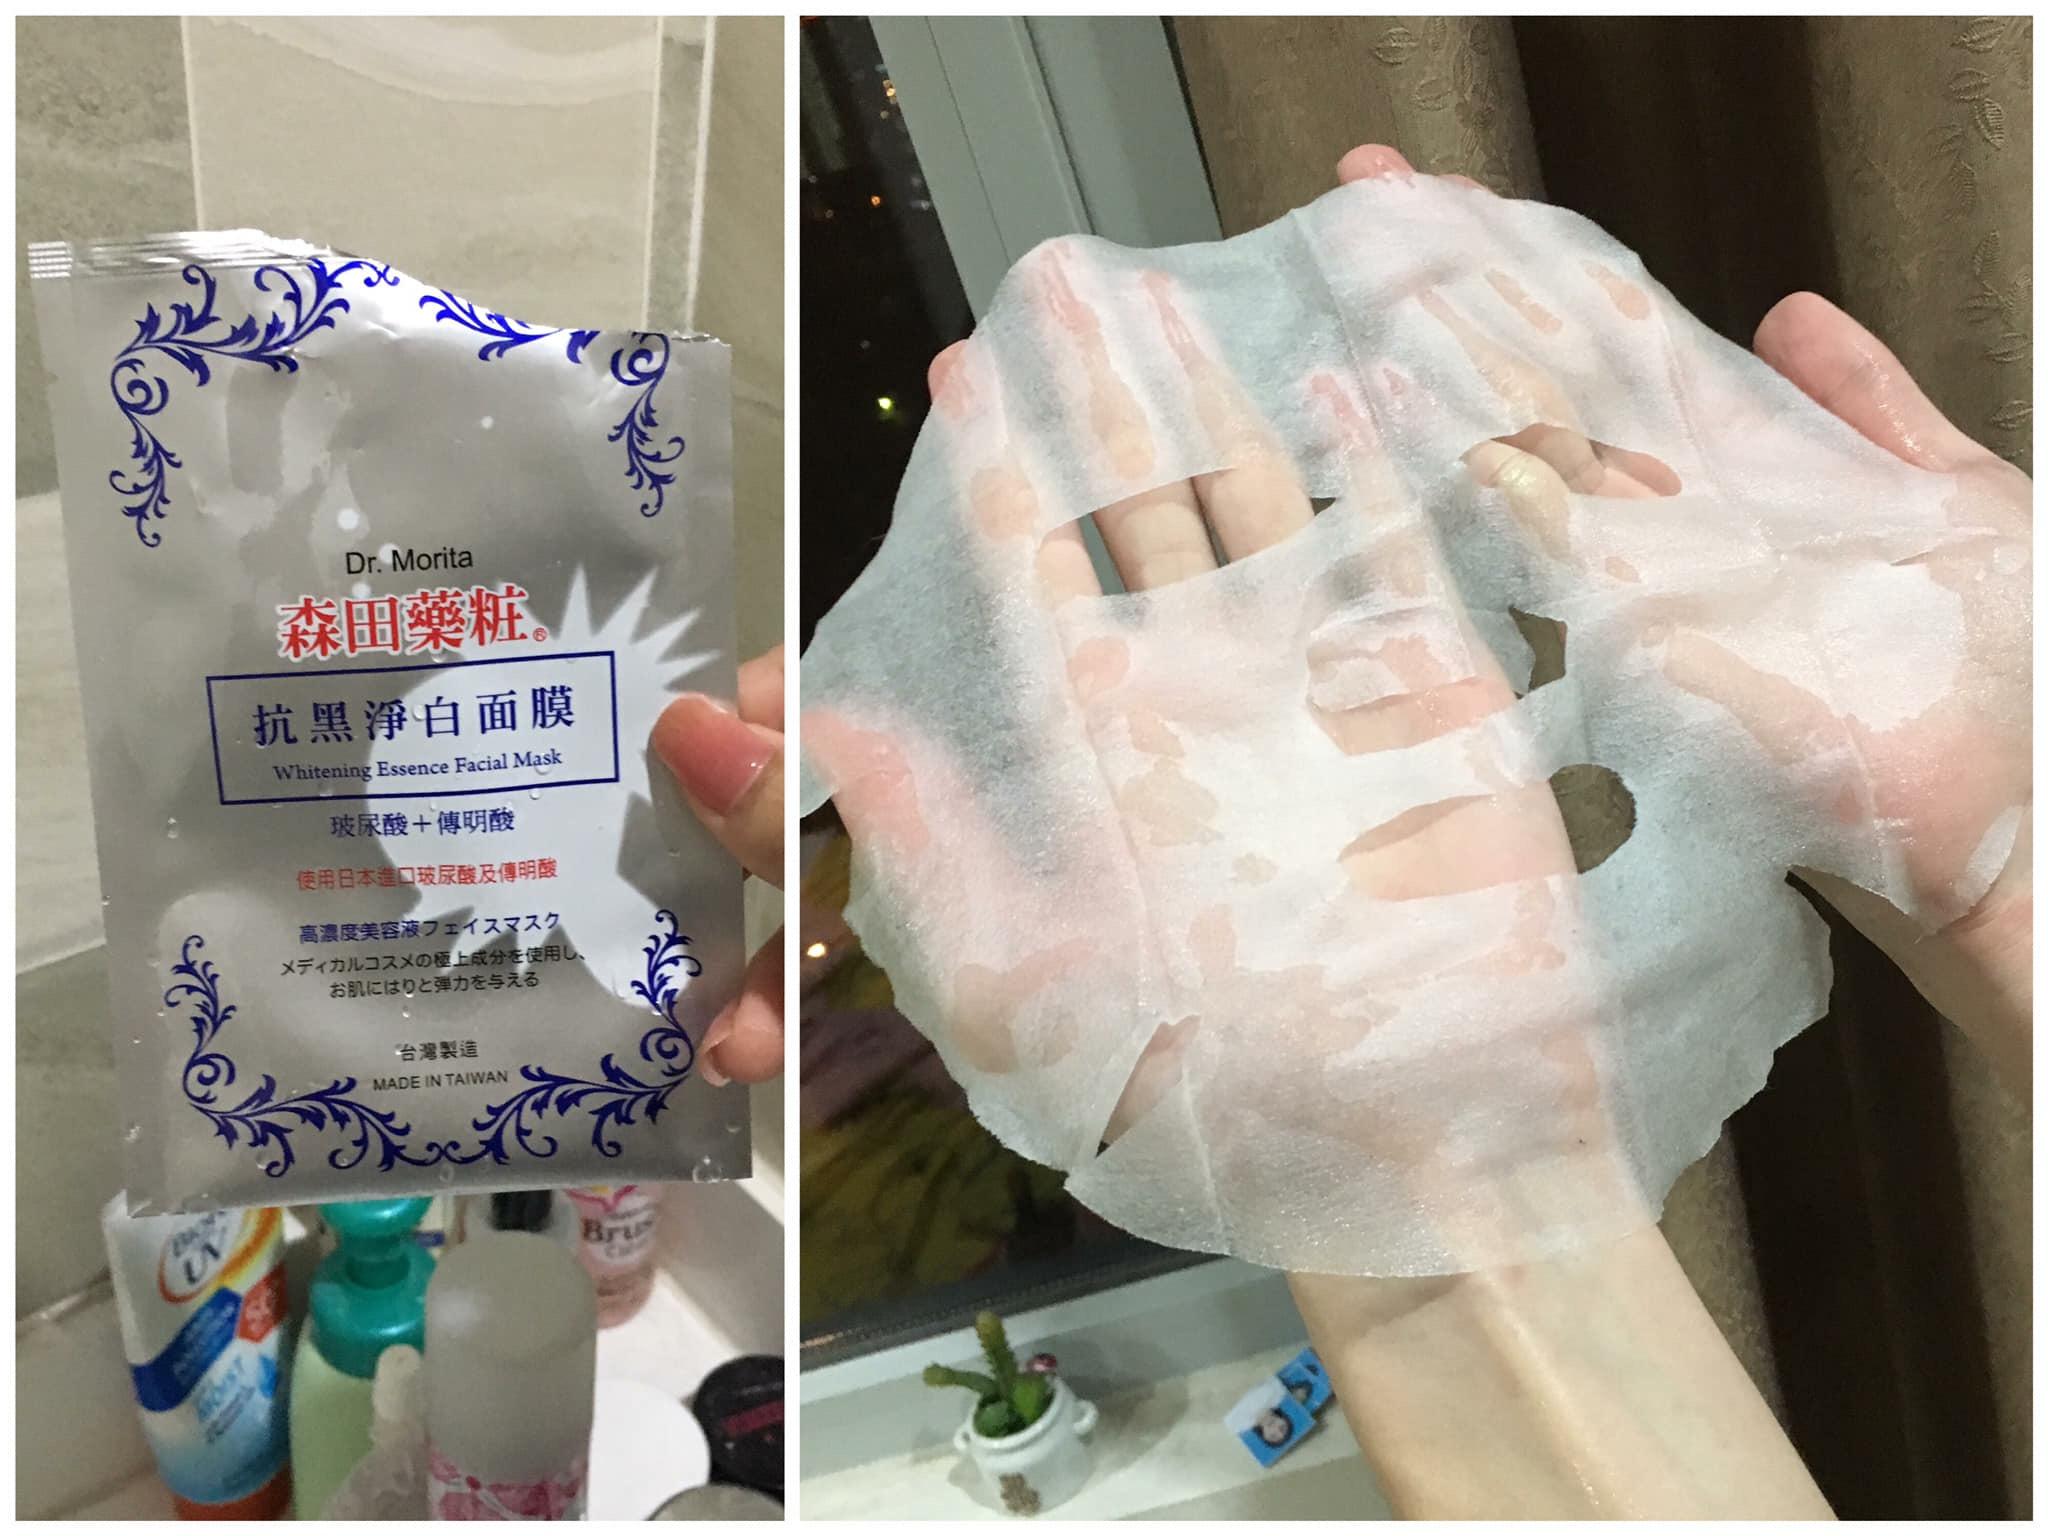 Miếng mặt nạ Whitening Essence Facial Mask chính hãng